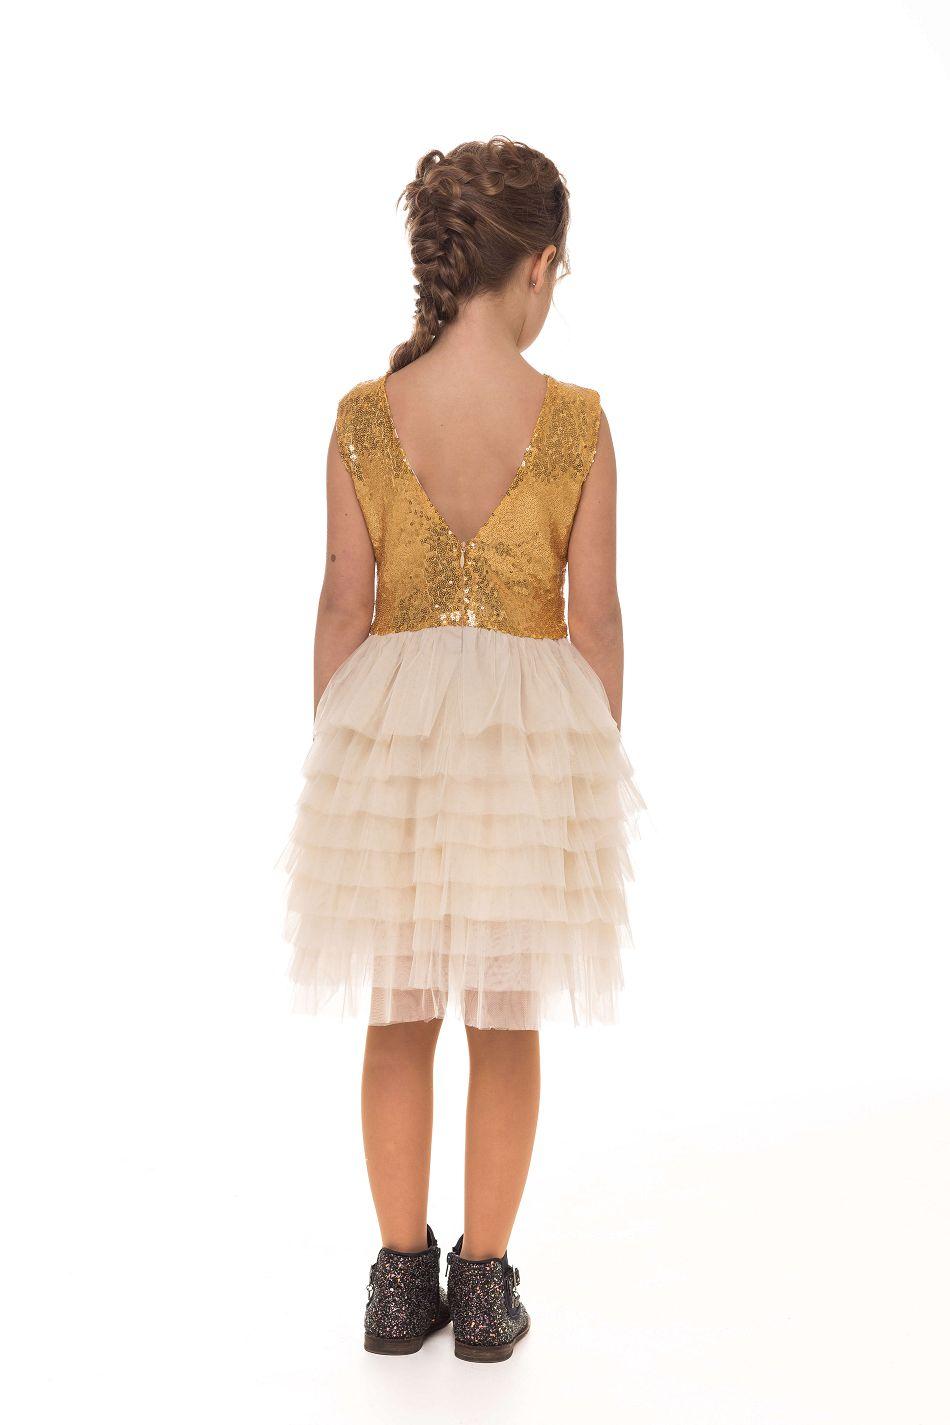 Святкове золоте плаття на дівчинку з блискітками